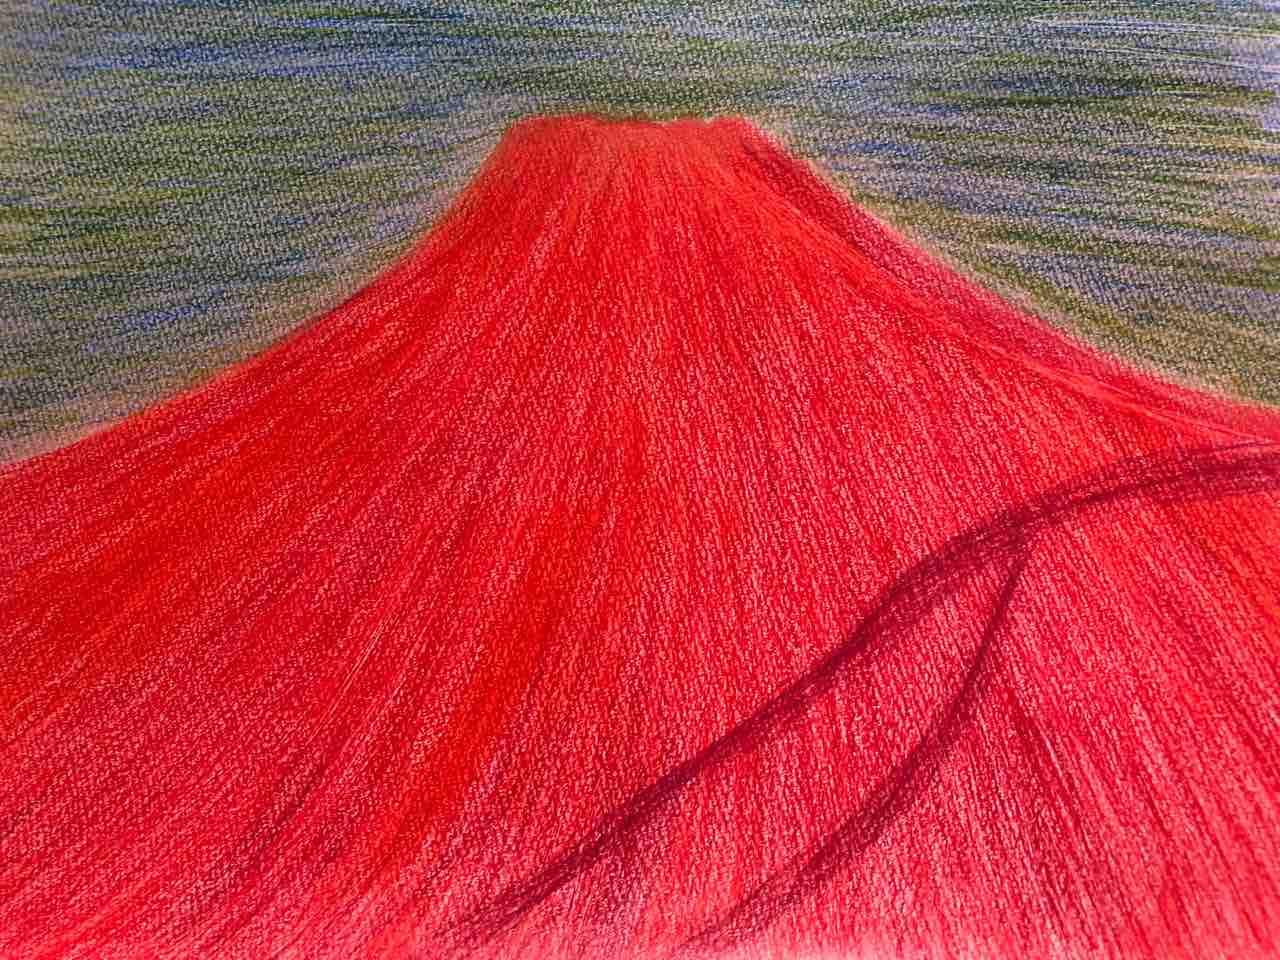 想像画塗り絵 リハビリネクスト文化祭作品集